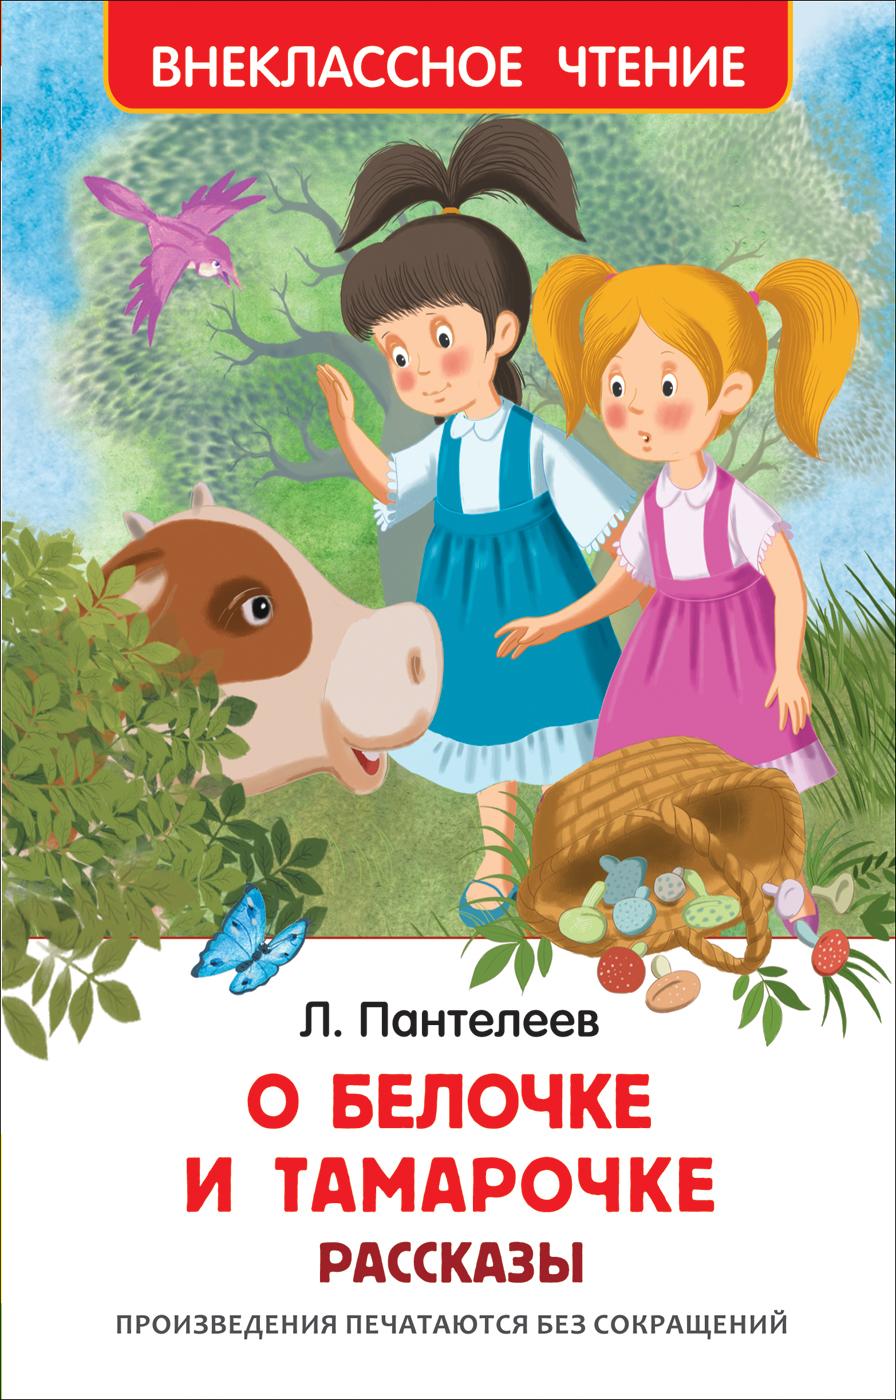 Книга - Л. Пантелеев - О Белочке и Тамарочке. Рассказы из серии Внеклассное чтение